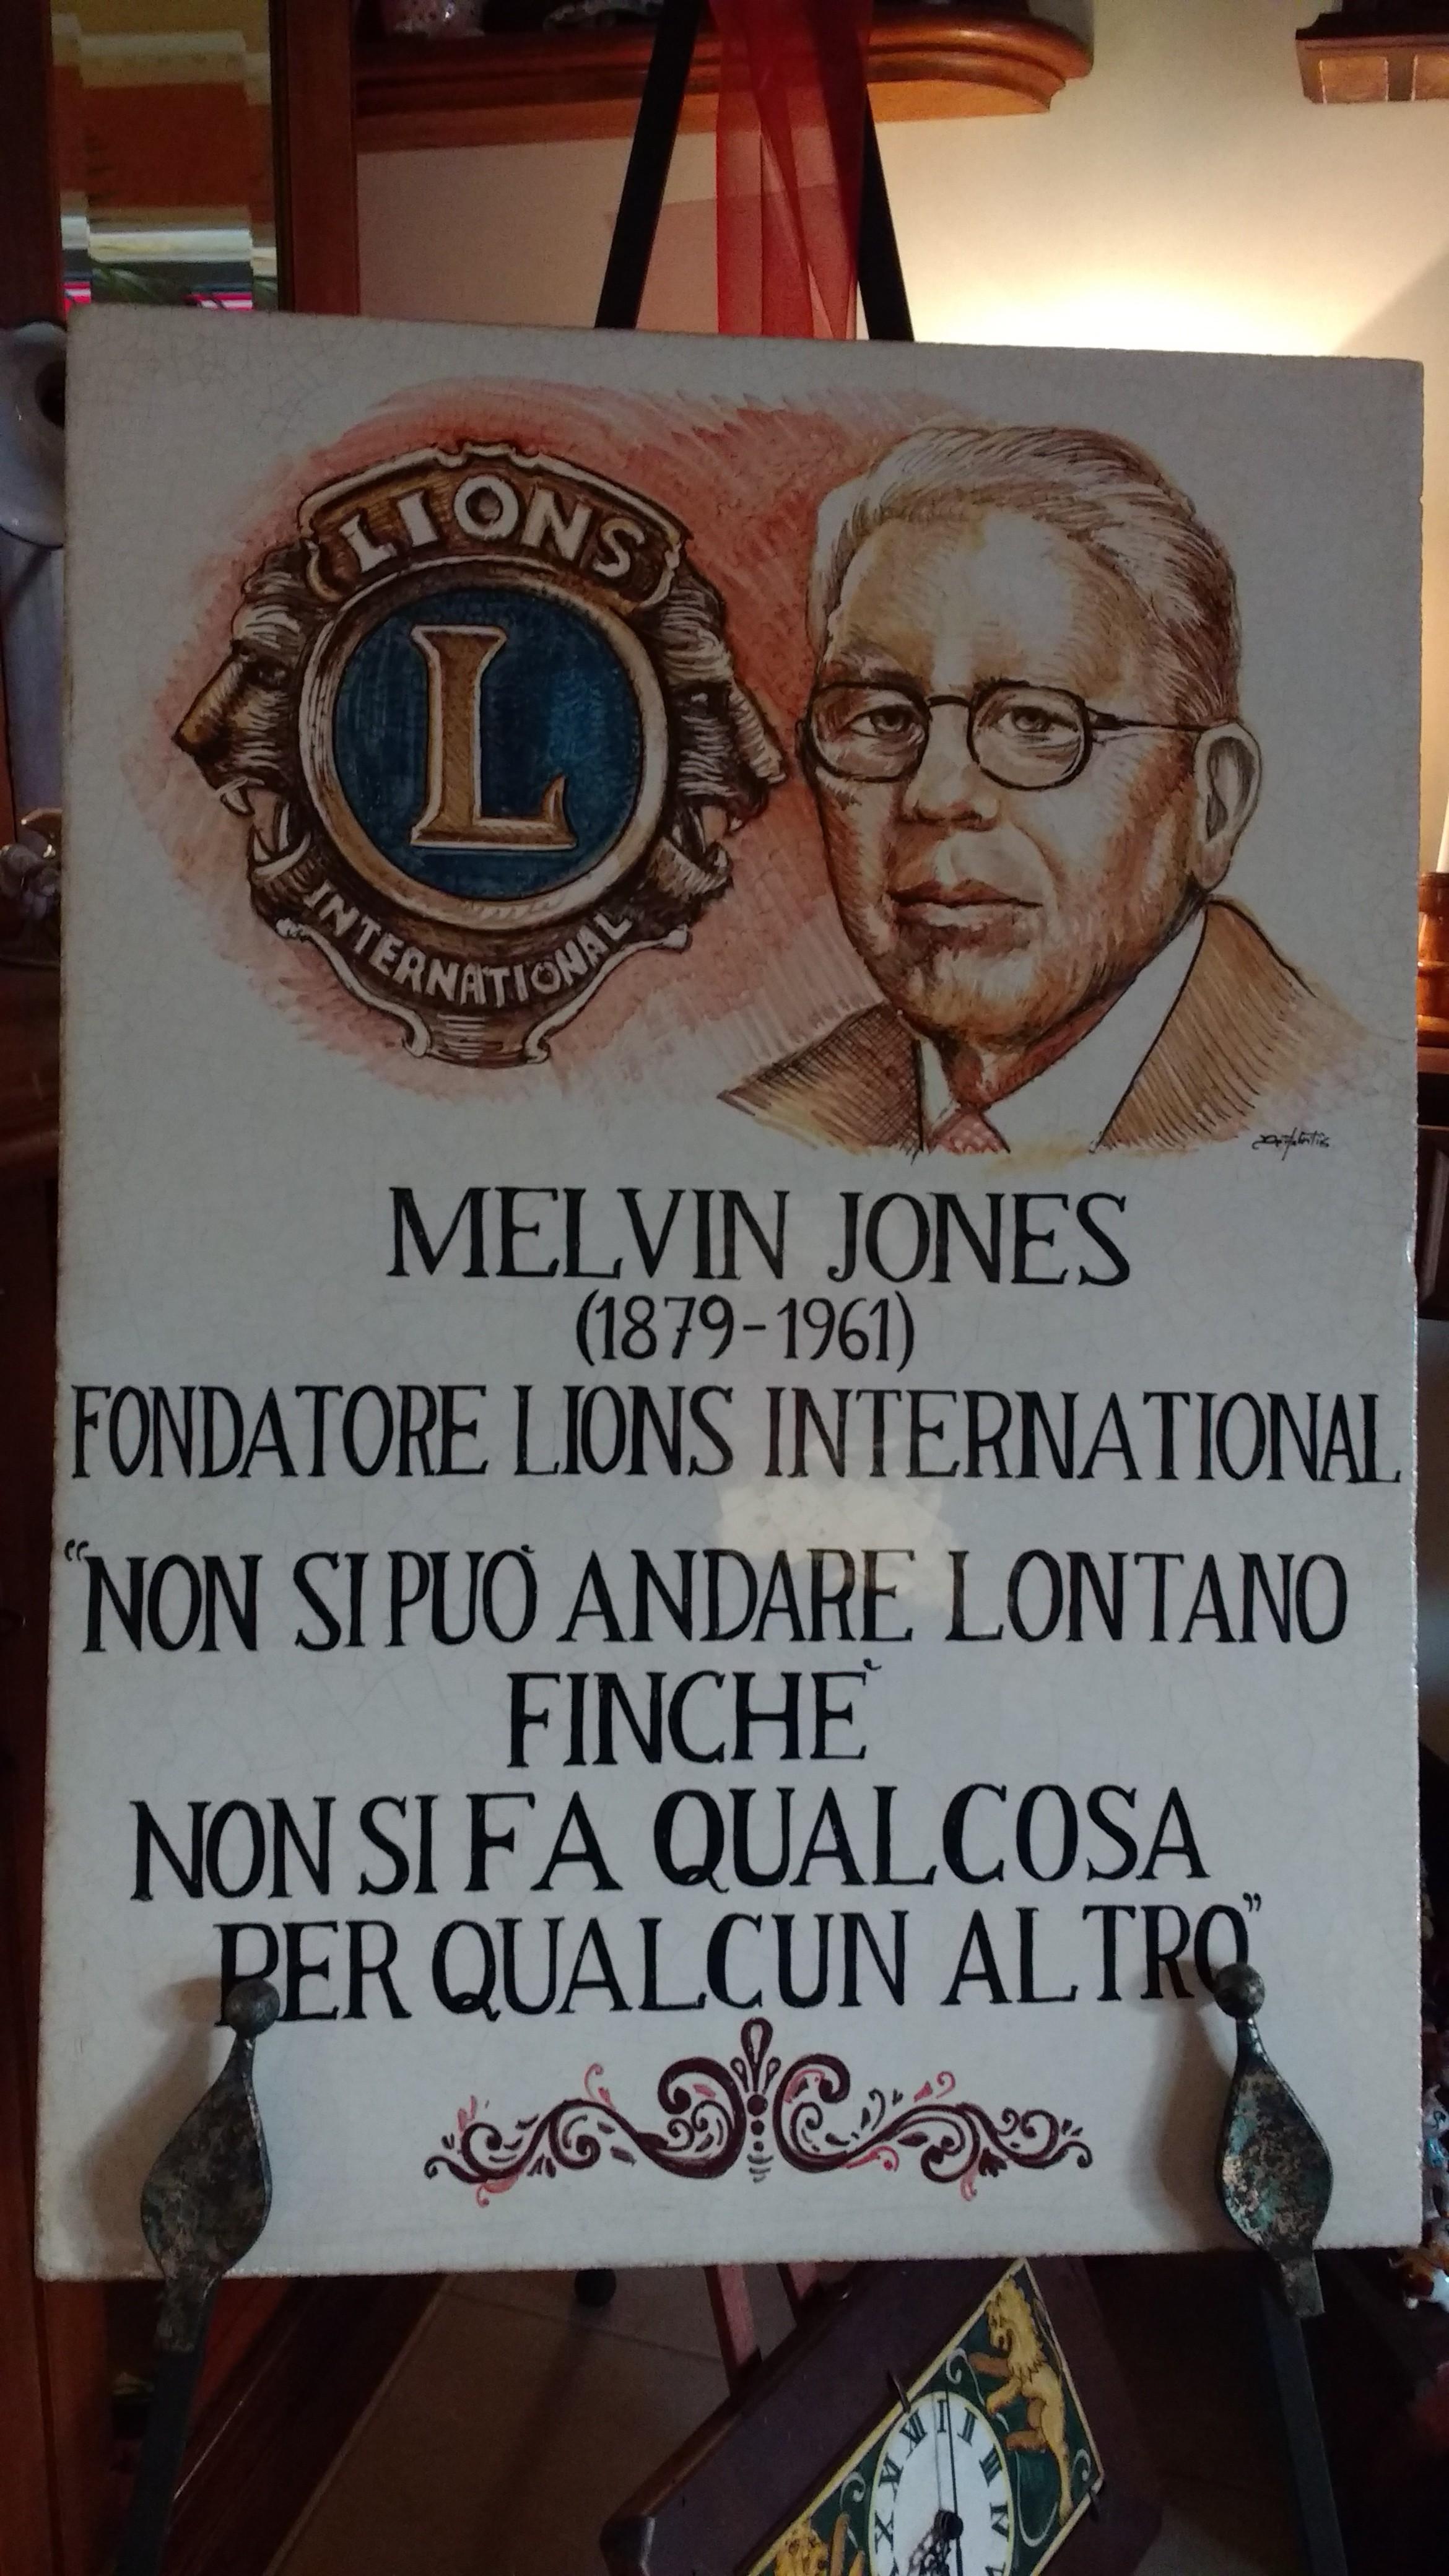 Il club Lions di Avezzano compie 50 anni, domenica l'inaugurazione di una targa a Jones